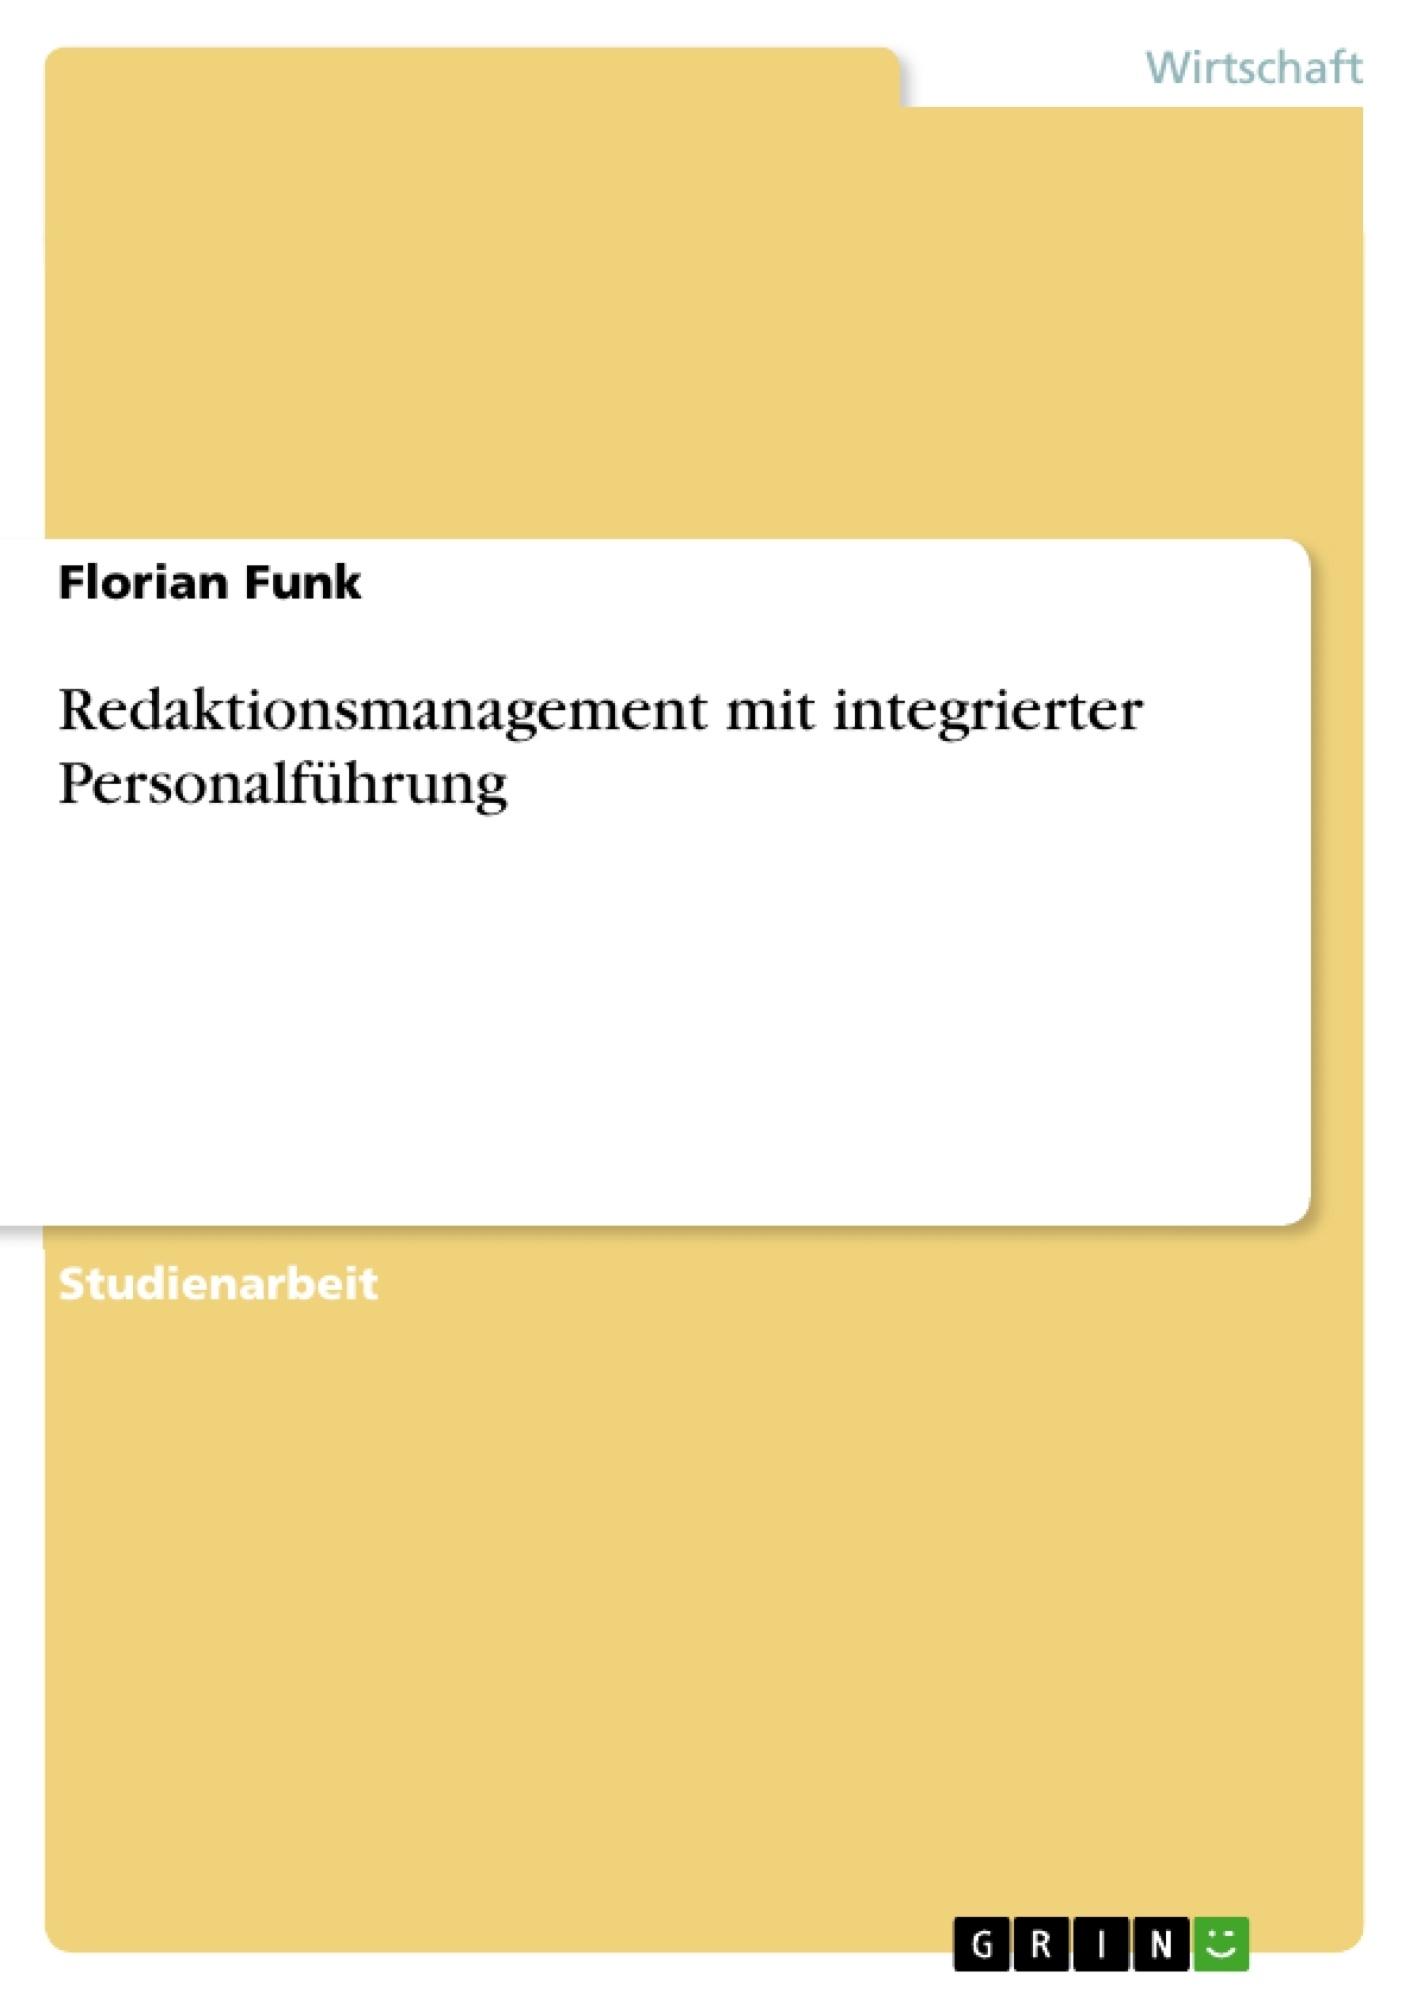 Titel: Redaktionsmanagement mit integrierter Personalführung